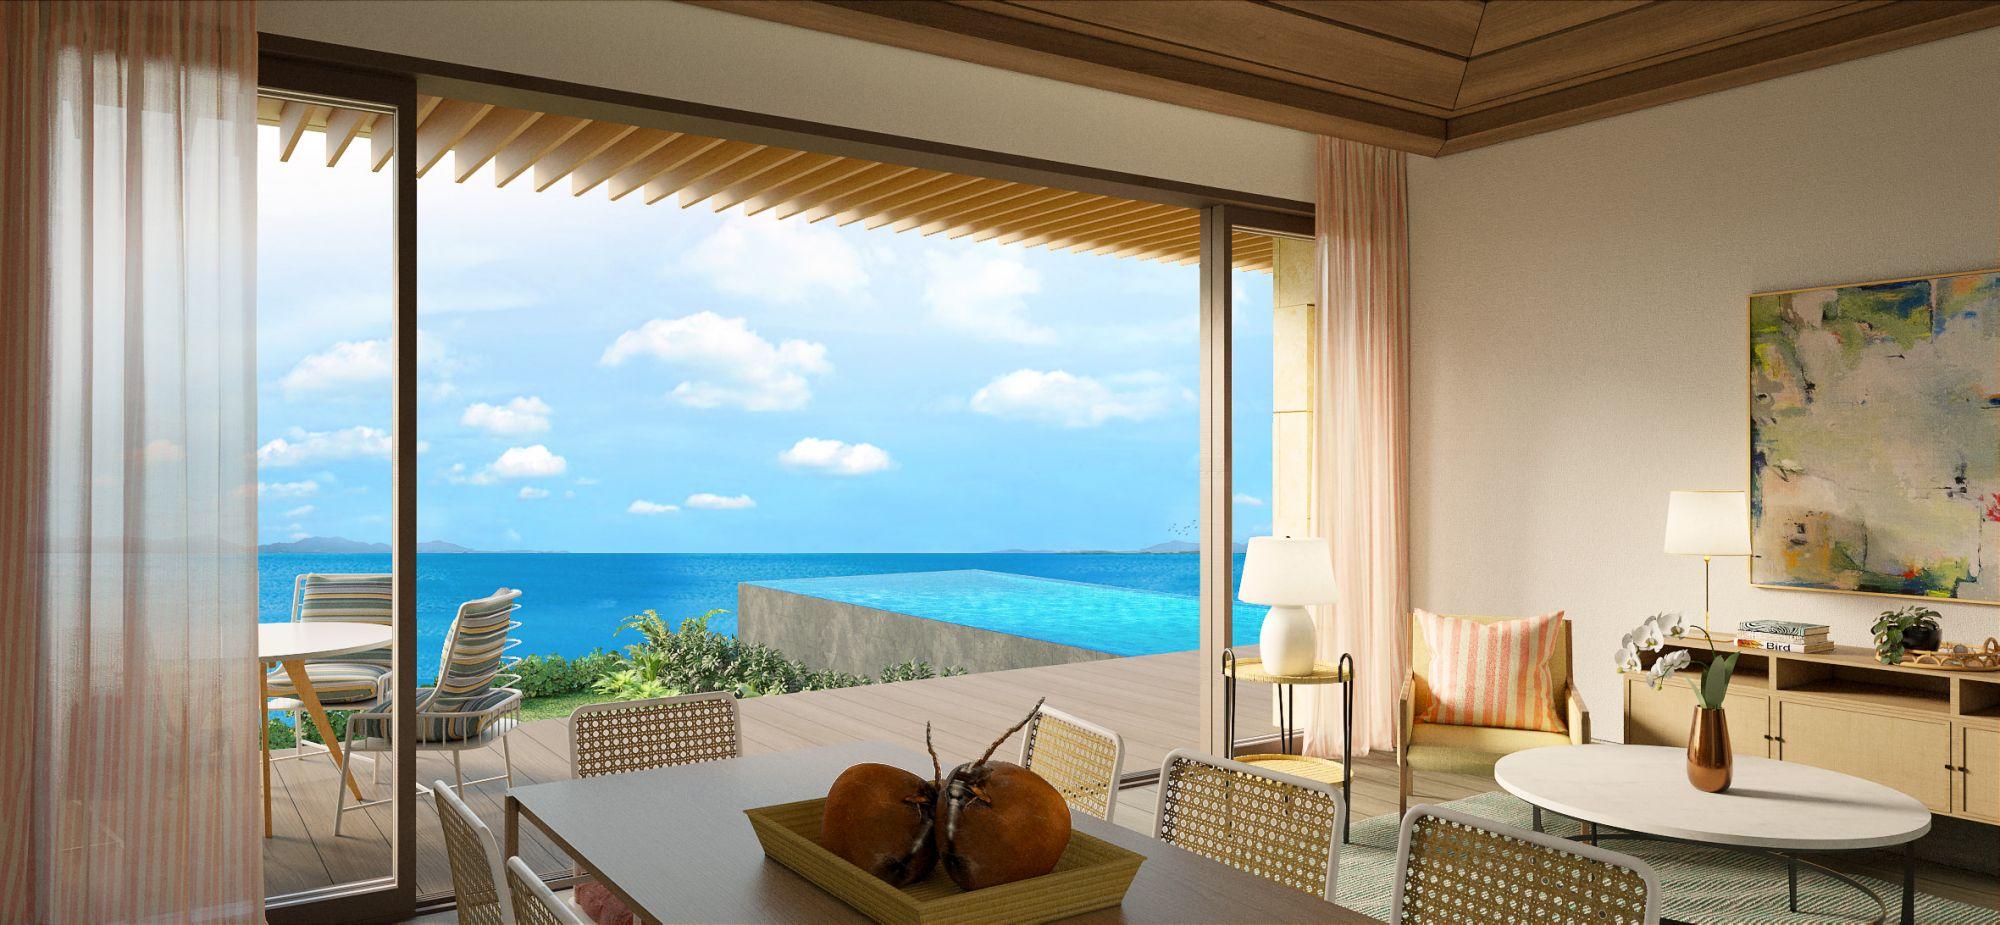 Photo: Living room view of villa at Aruga Mactan